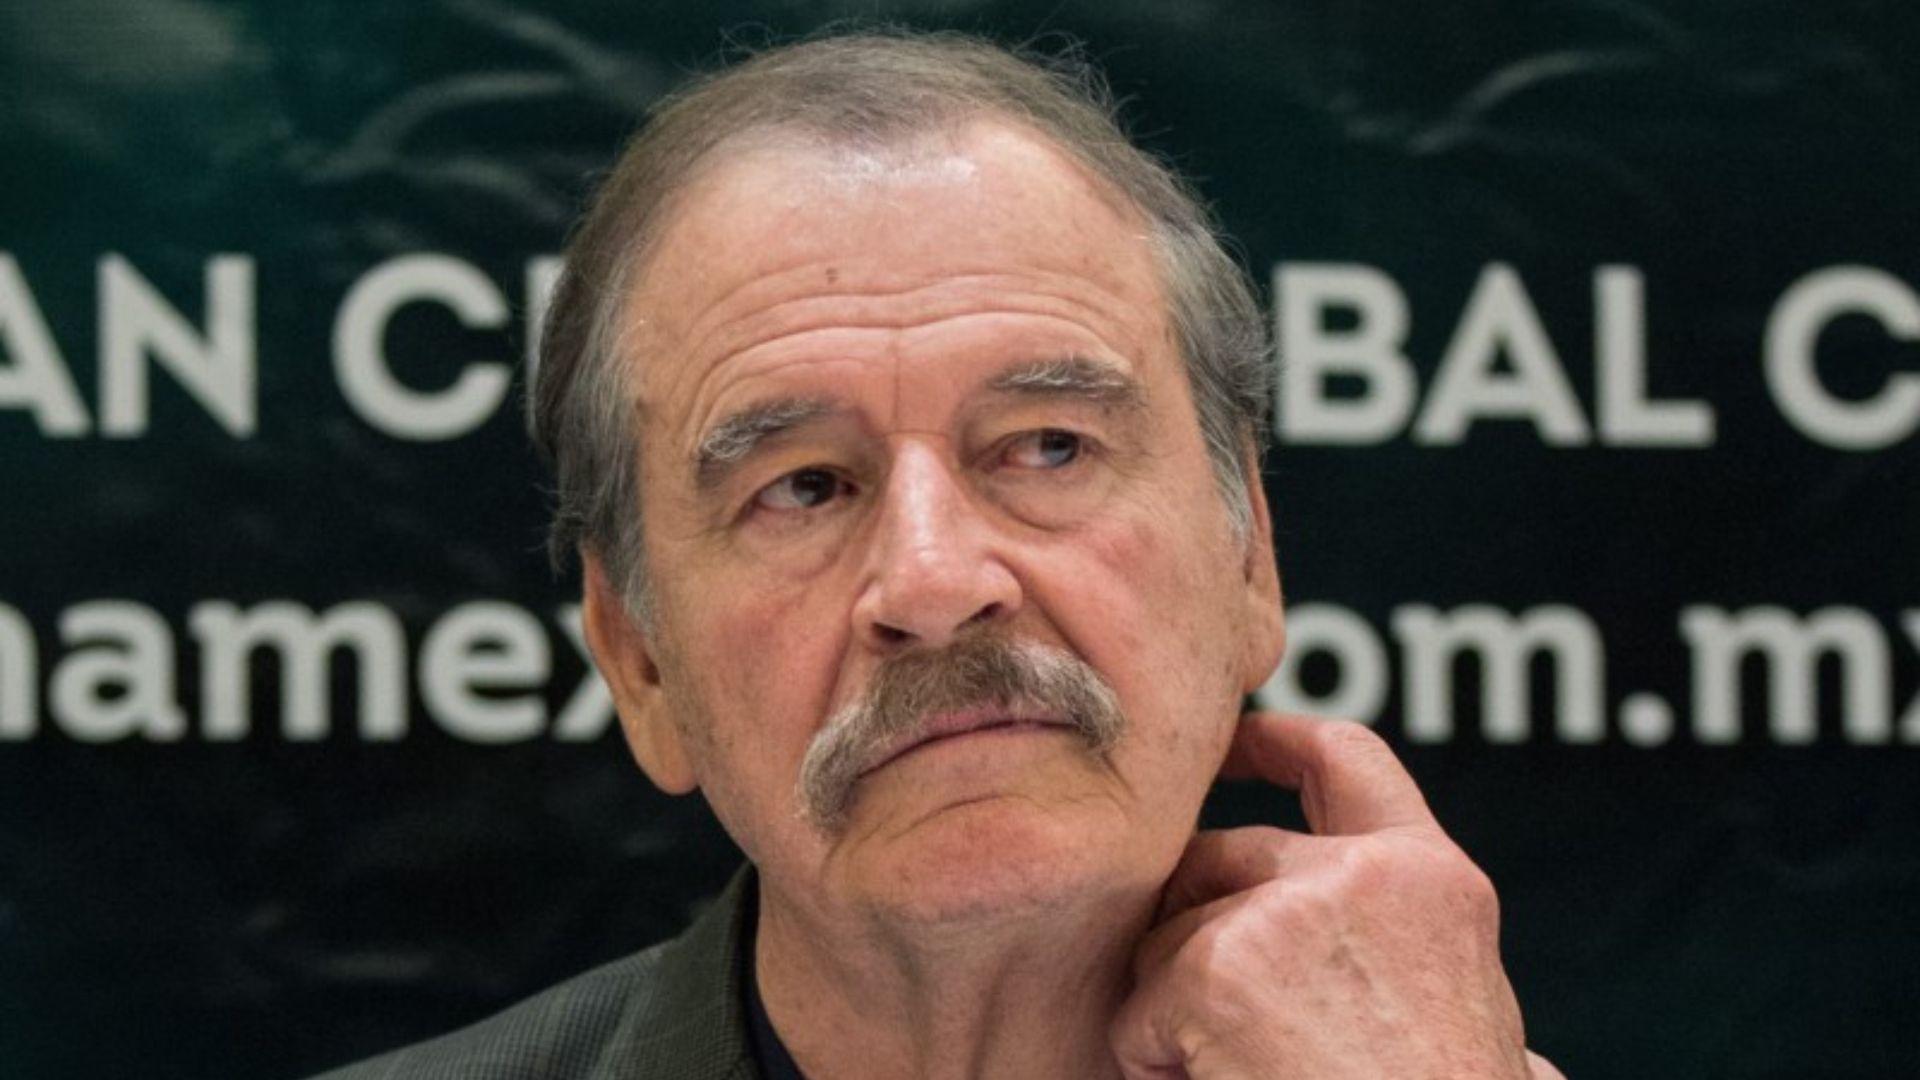 Vicente Fox fue presidnte de México de 2000 a 2006, después de su gestión ha sido señalado por presuntos vínculos con el narcotráfico (Foto: Cuartoscuro)